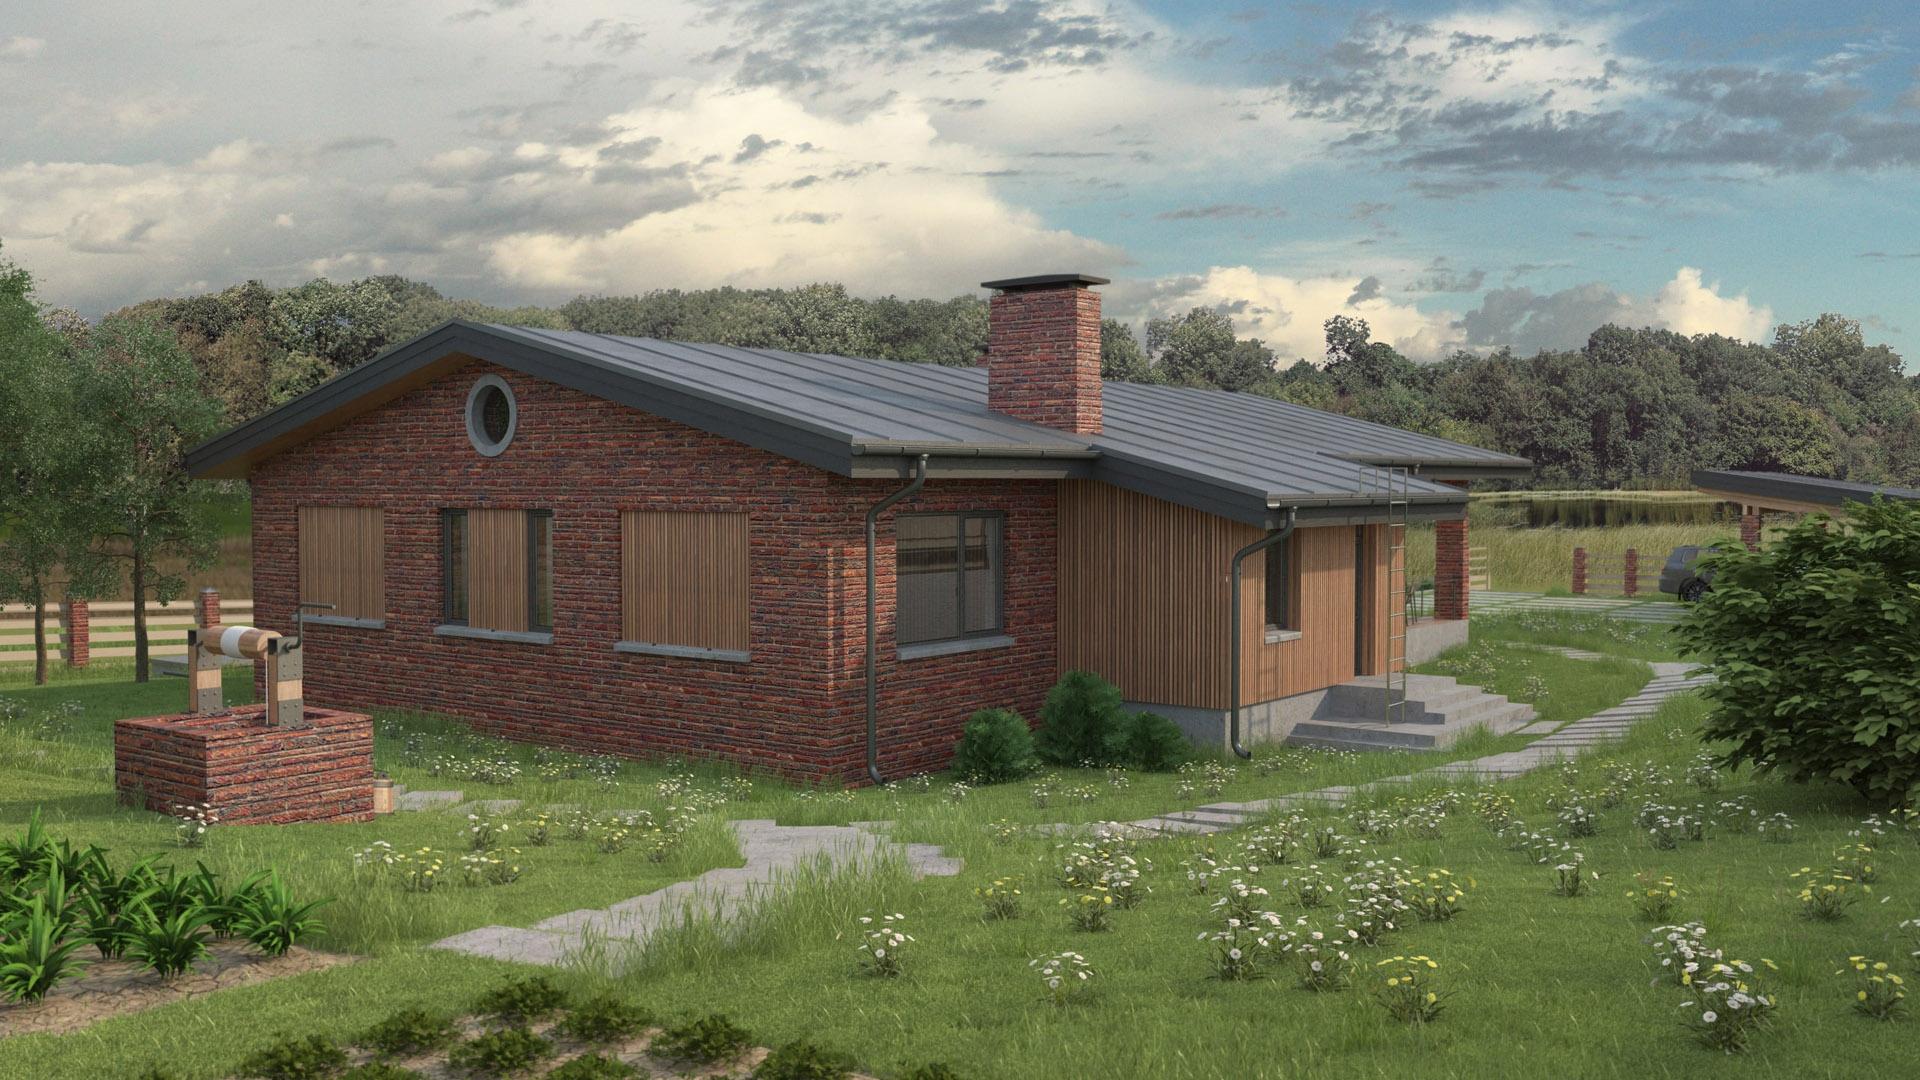 Изображение для проекта Проект кирпичного жилого дома «Каменные Ворота» 2160